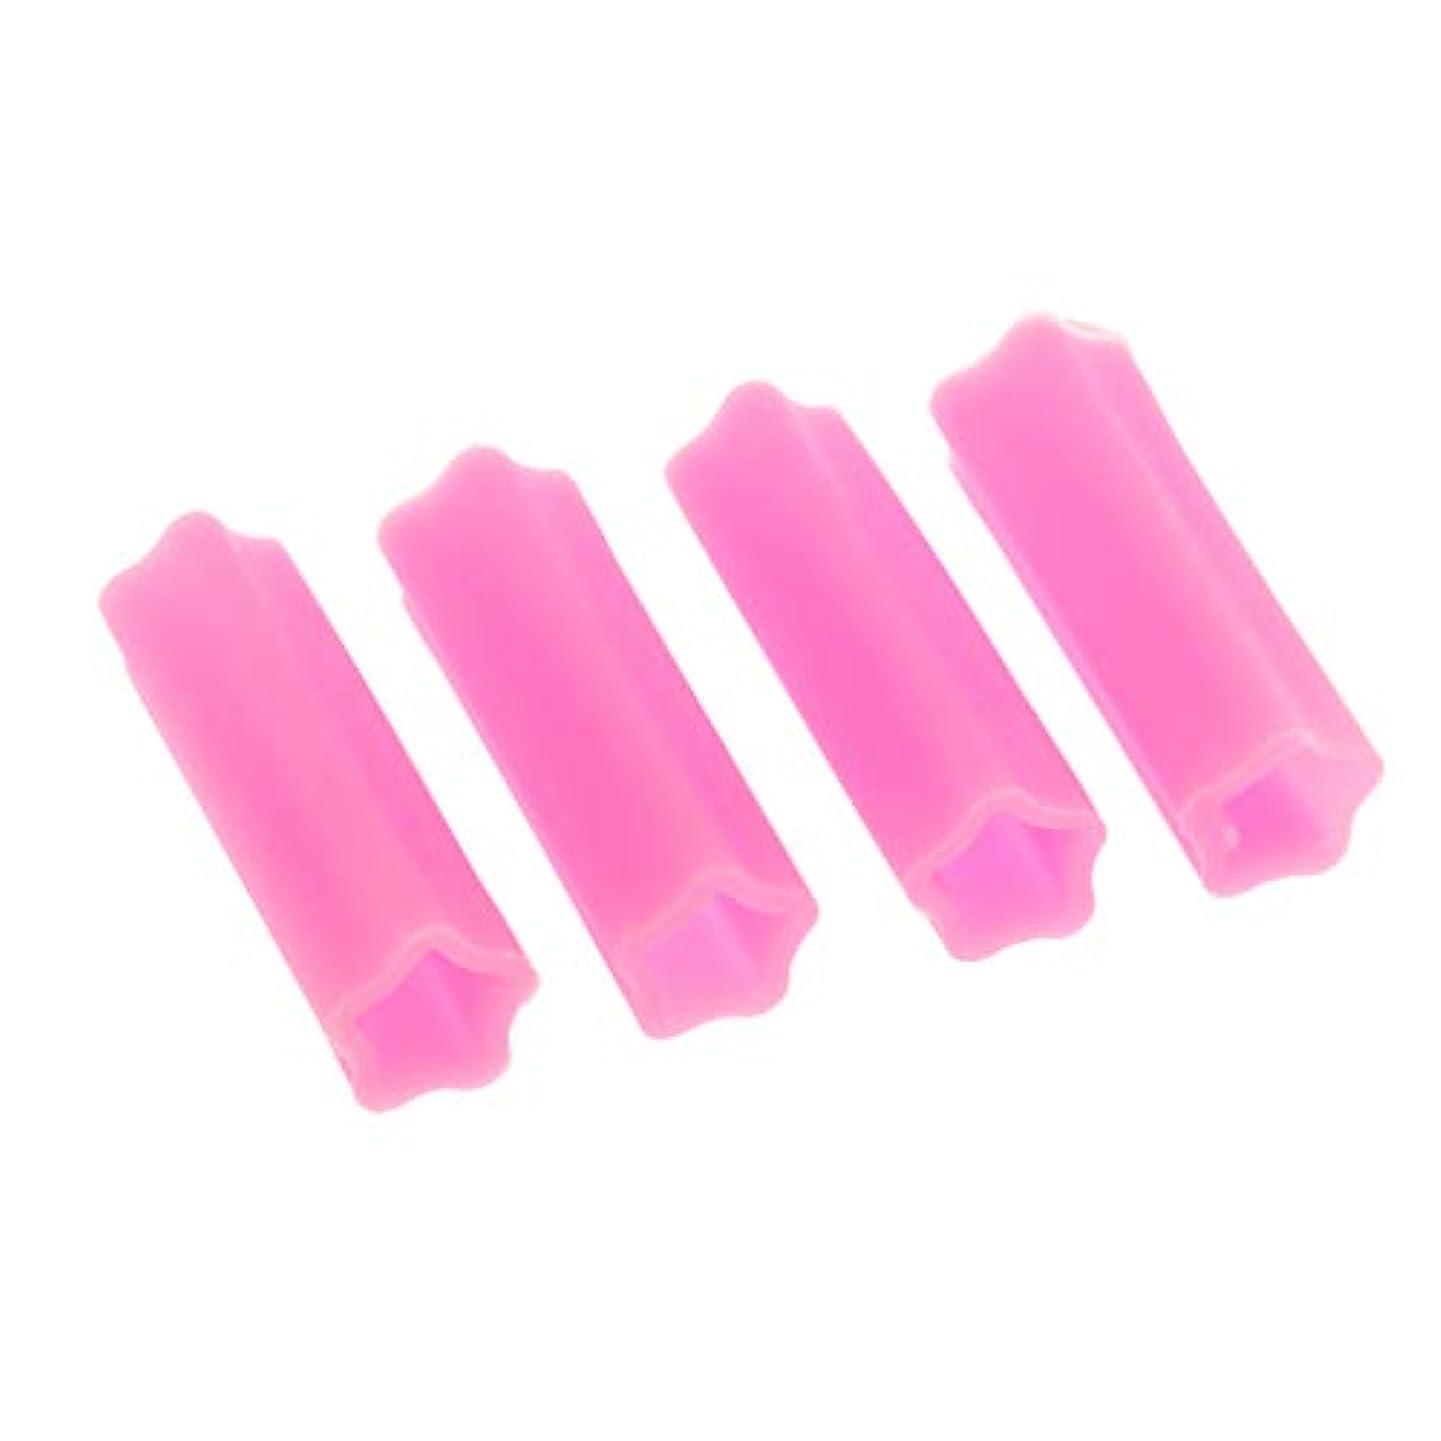 コミットビタミンお父さん4個入り シリコン キューティクルニッパー ケース ニッパーキャップ ネイルニッパー キャップ 柔軟 耐久性 - ローズレッド